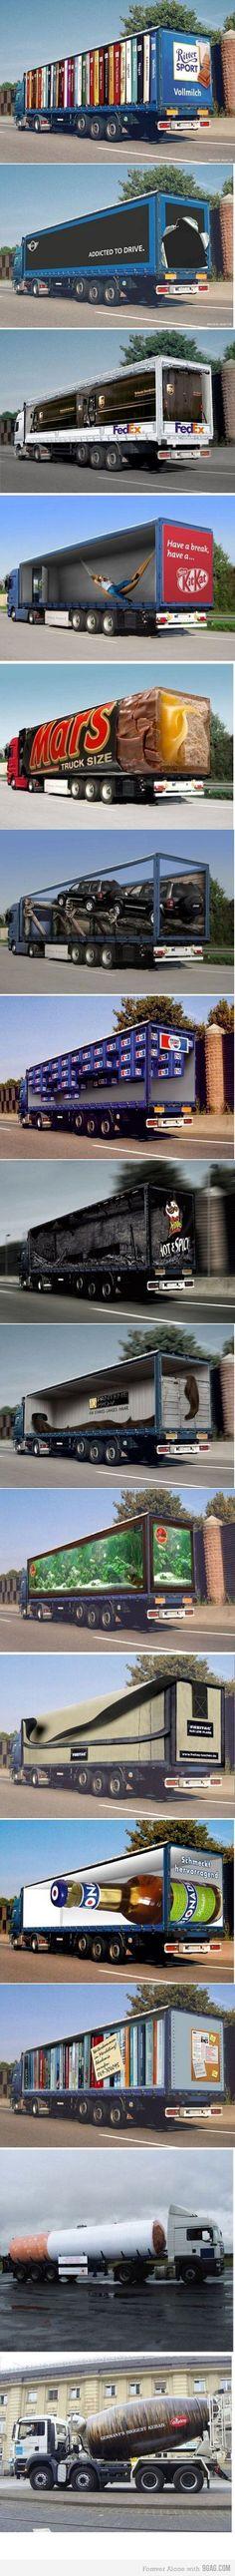 #Publicidad creativa en camiones..: